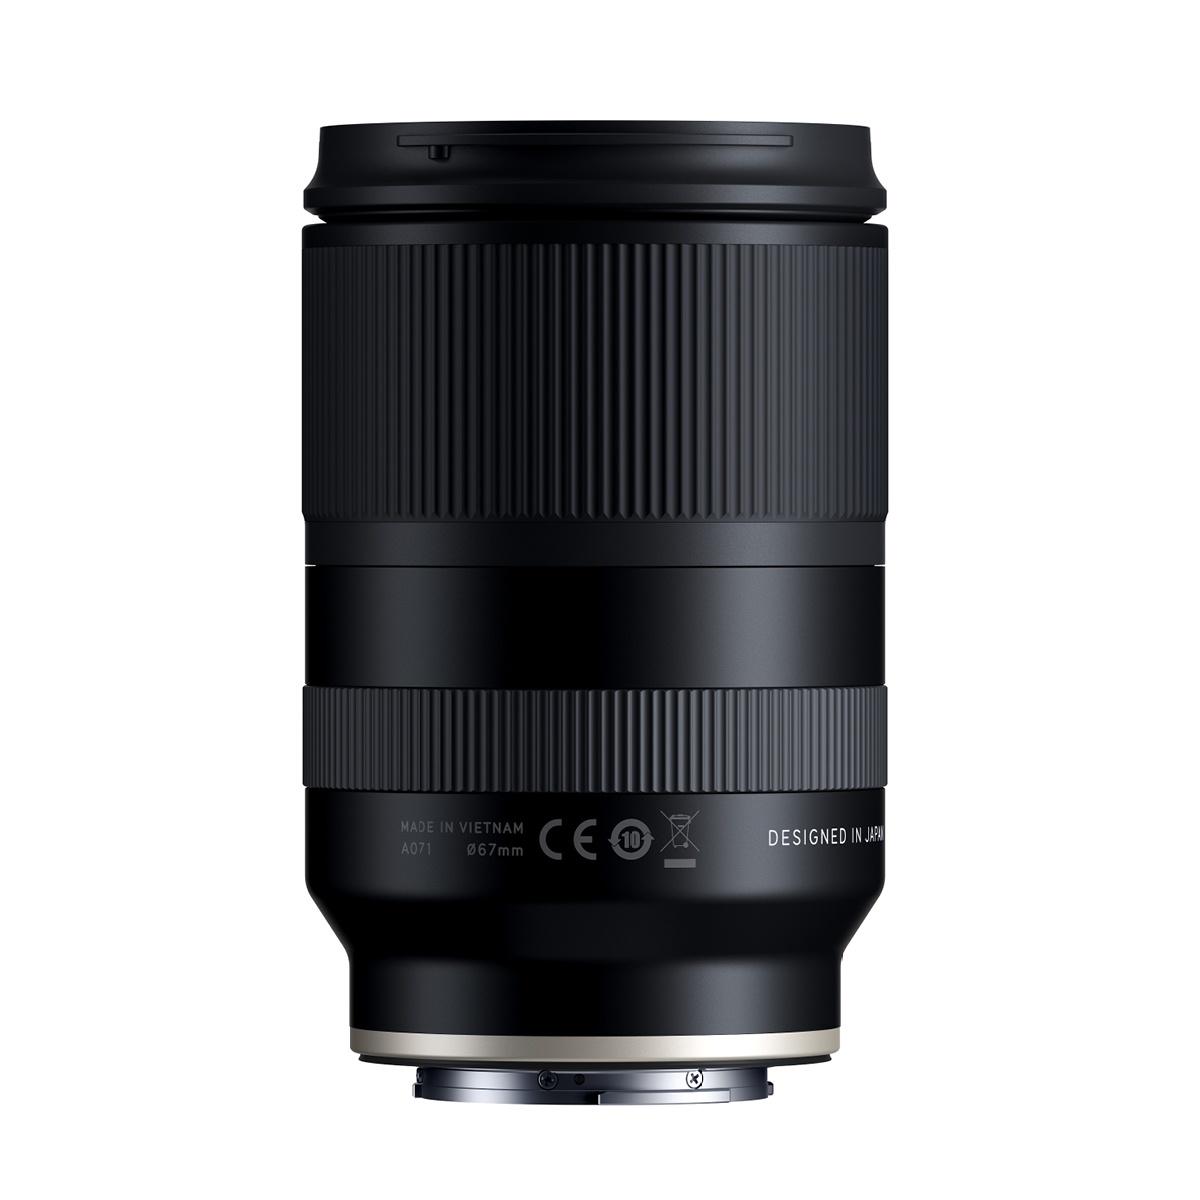 Tamron 28-200 mm 1:2,8-5,6 DI III RXD Sony FE